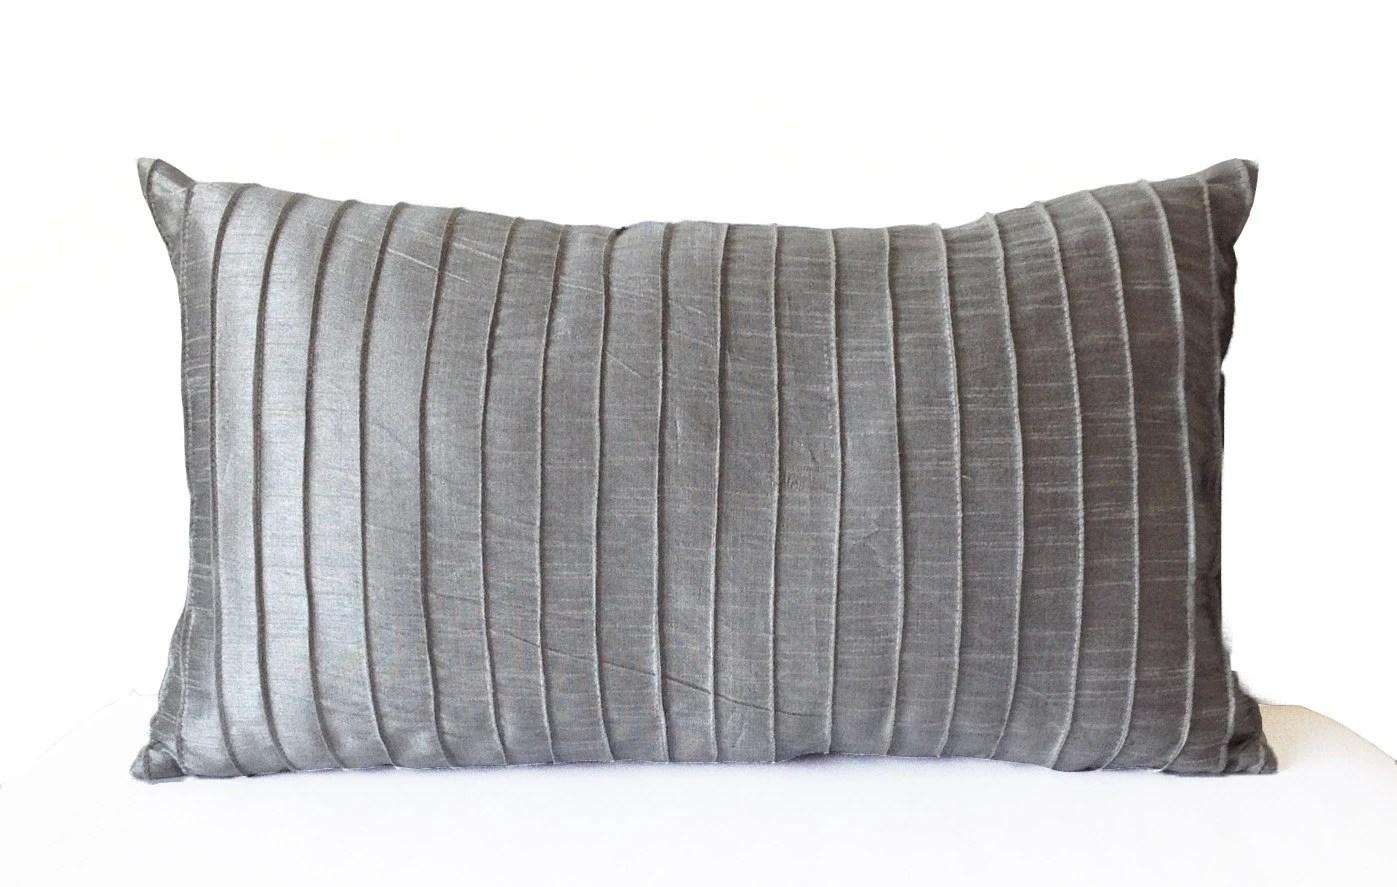 Grey Silk Pleated Textured Pillow Cover Lumbar Pillow Grey